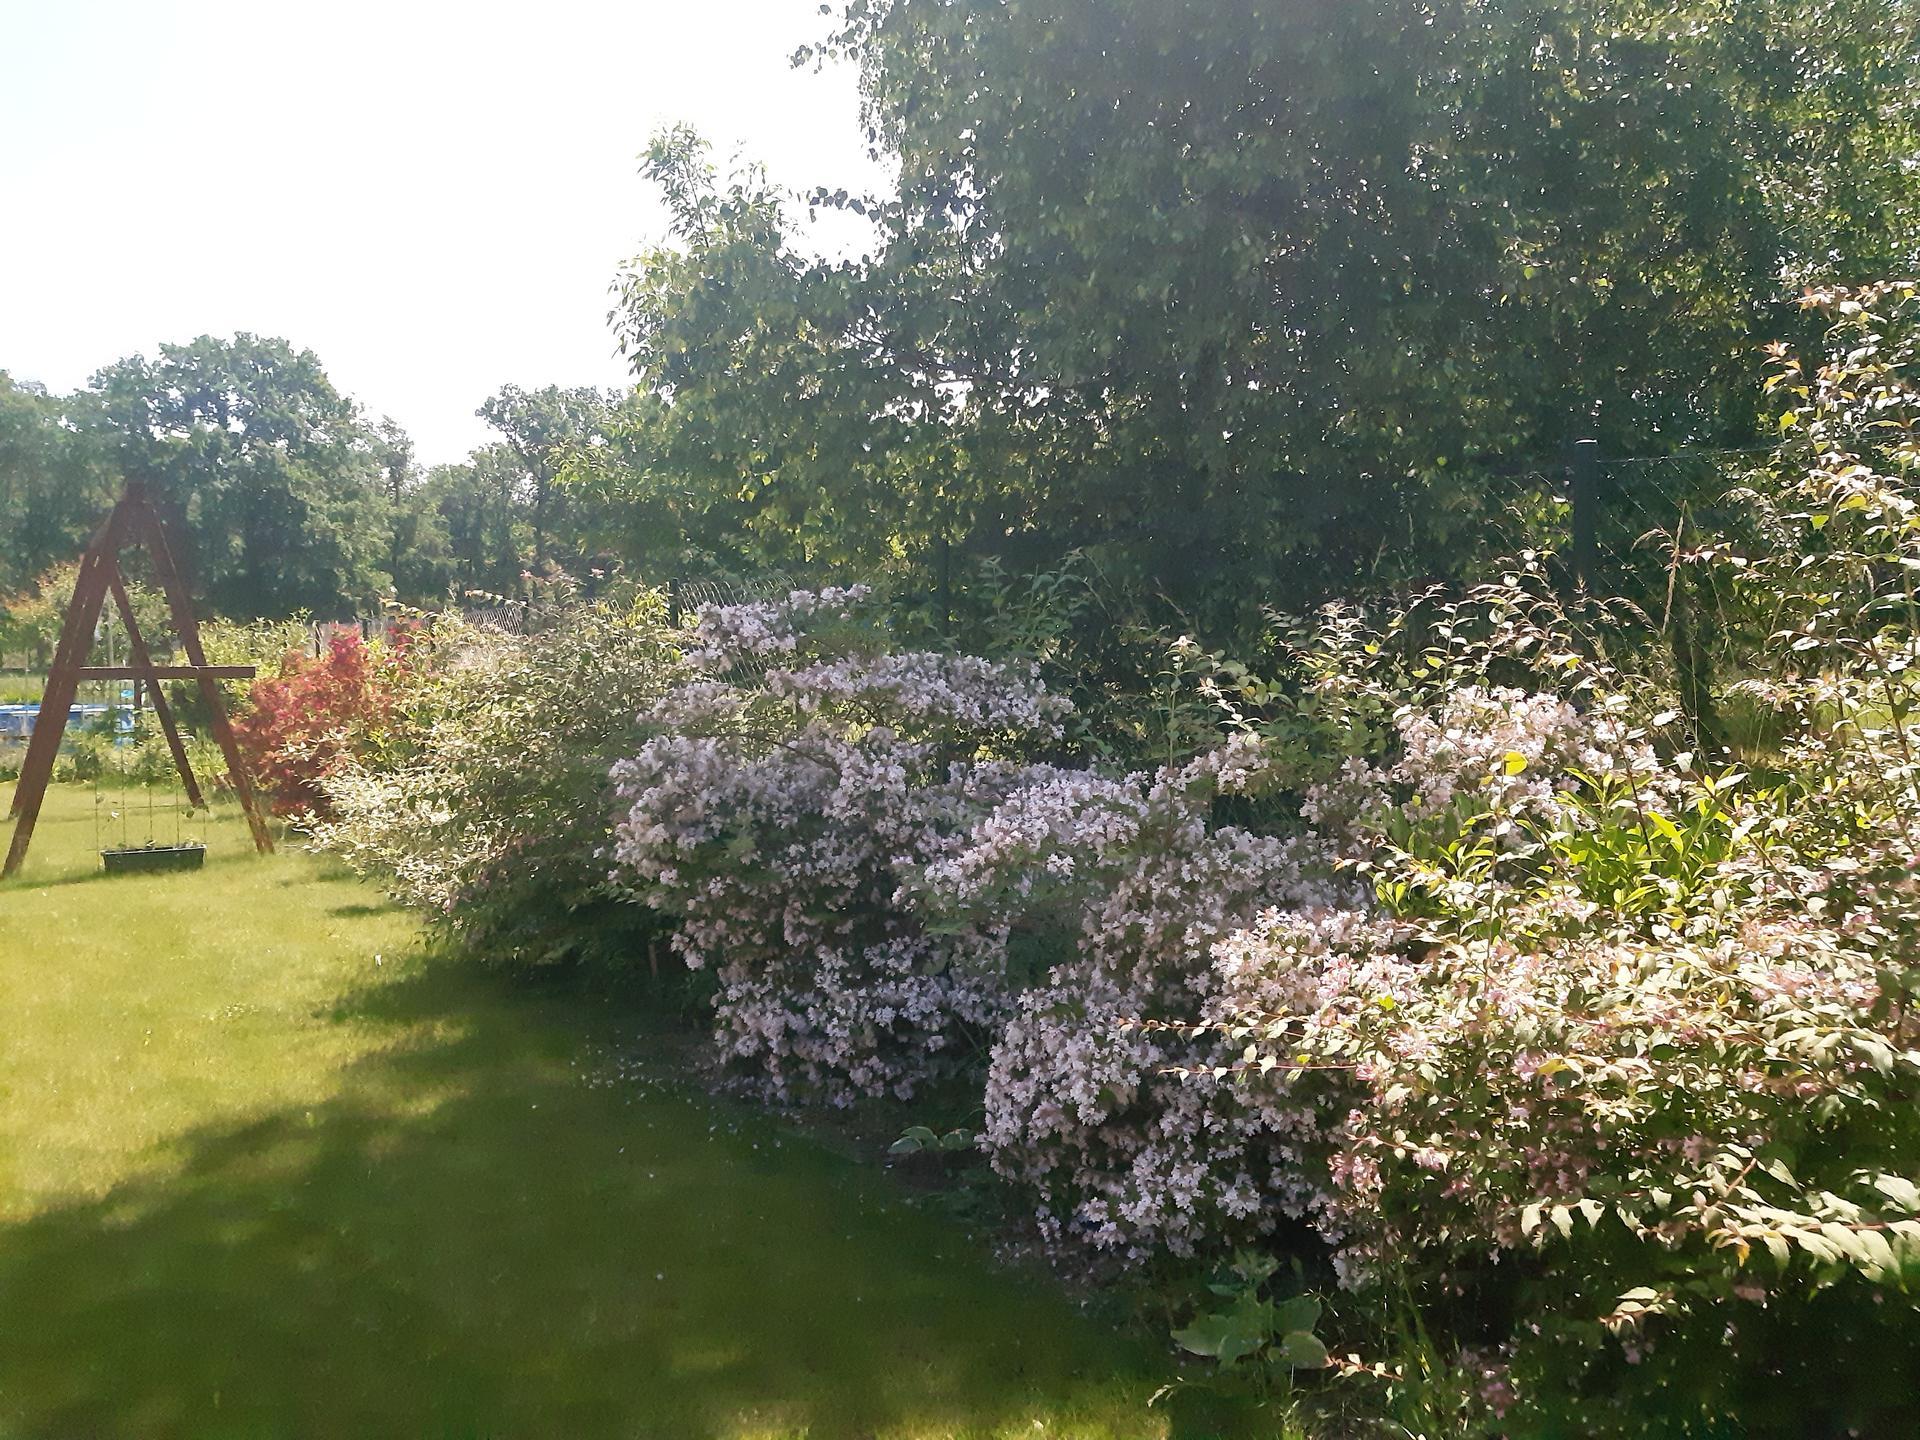 Zahrada 2021 - kvetoucí živý plot konečně vykvetl ;-)